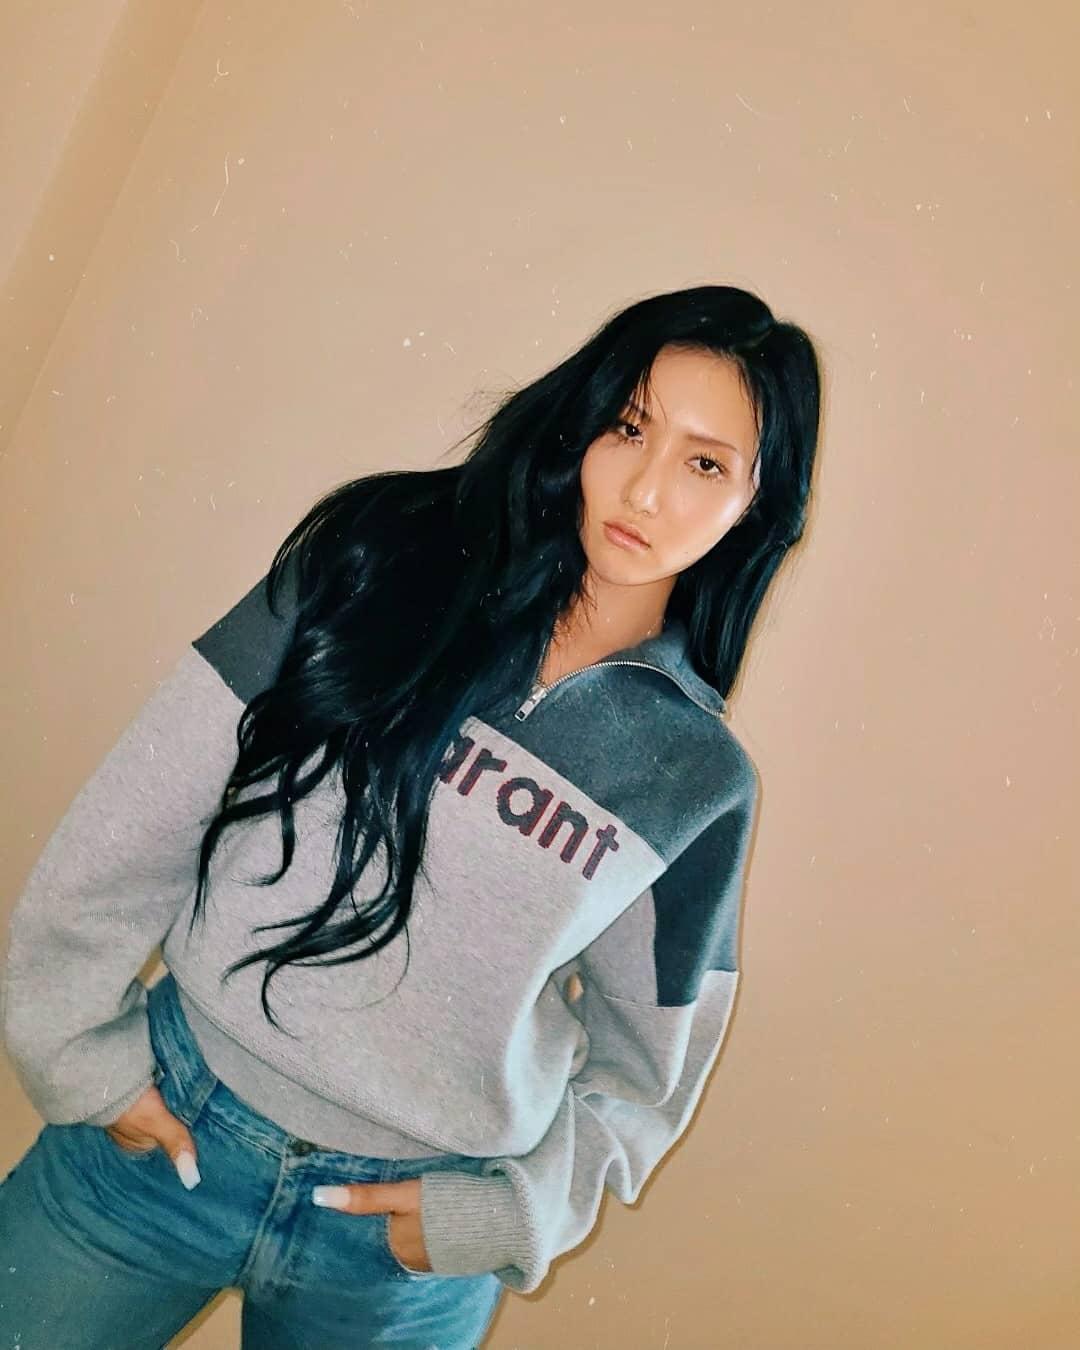 jimin-hwasa-and-kang-daniel-top-september-brand-reputation-rankings-for-individual-idols-3